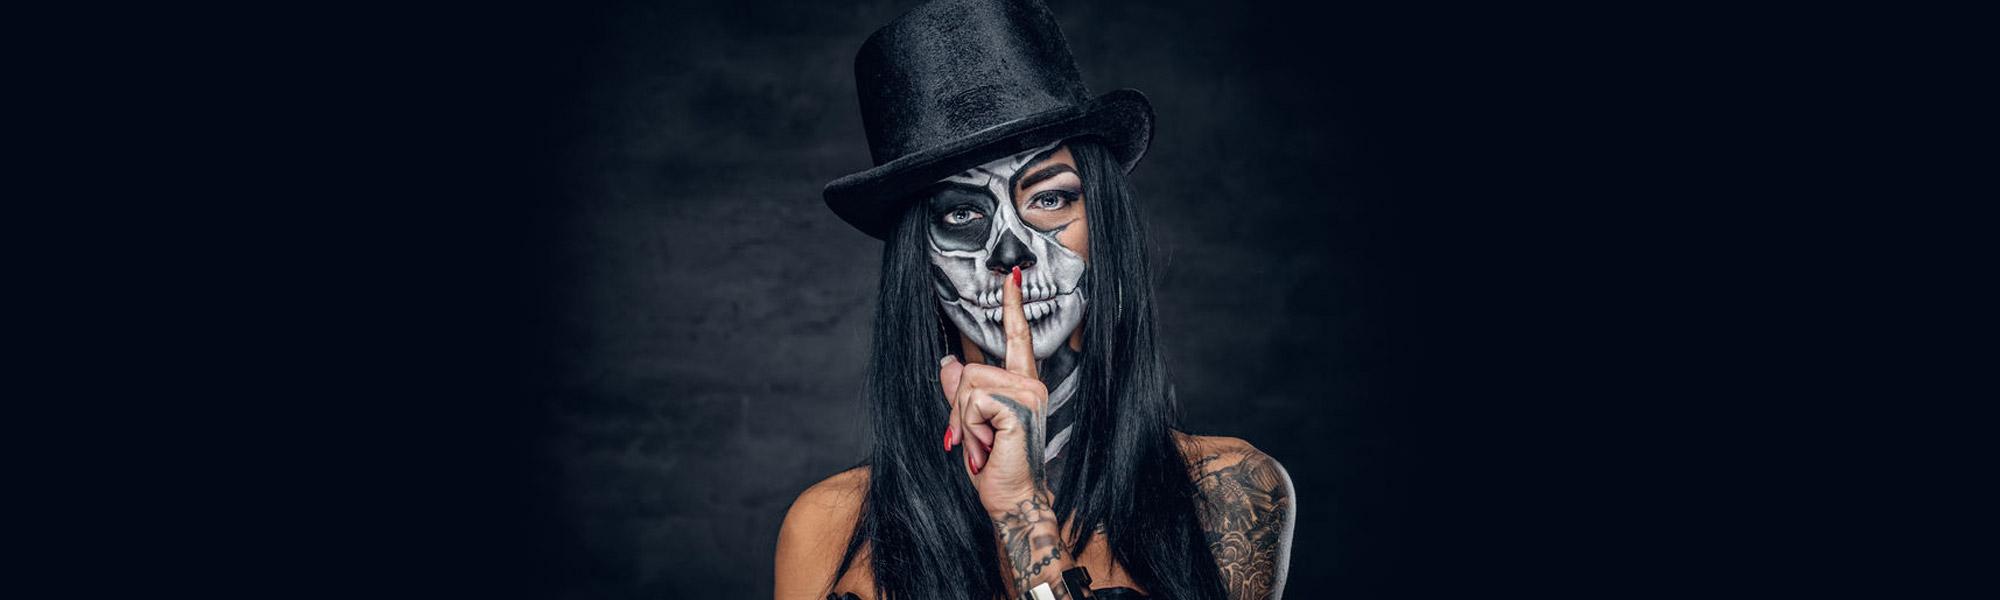 The Face Boss Creative Makeup